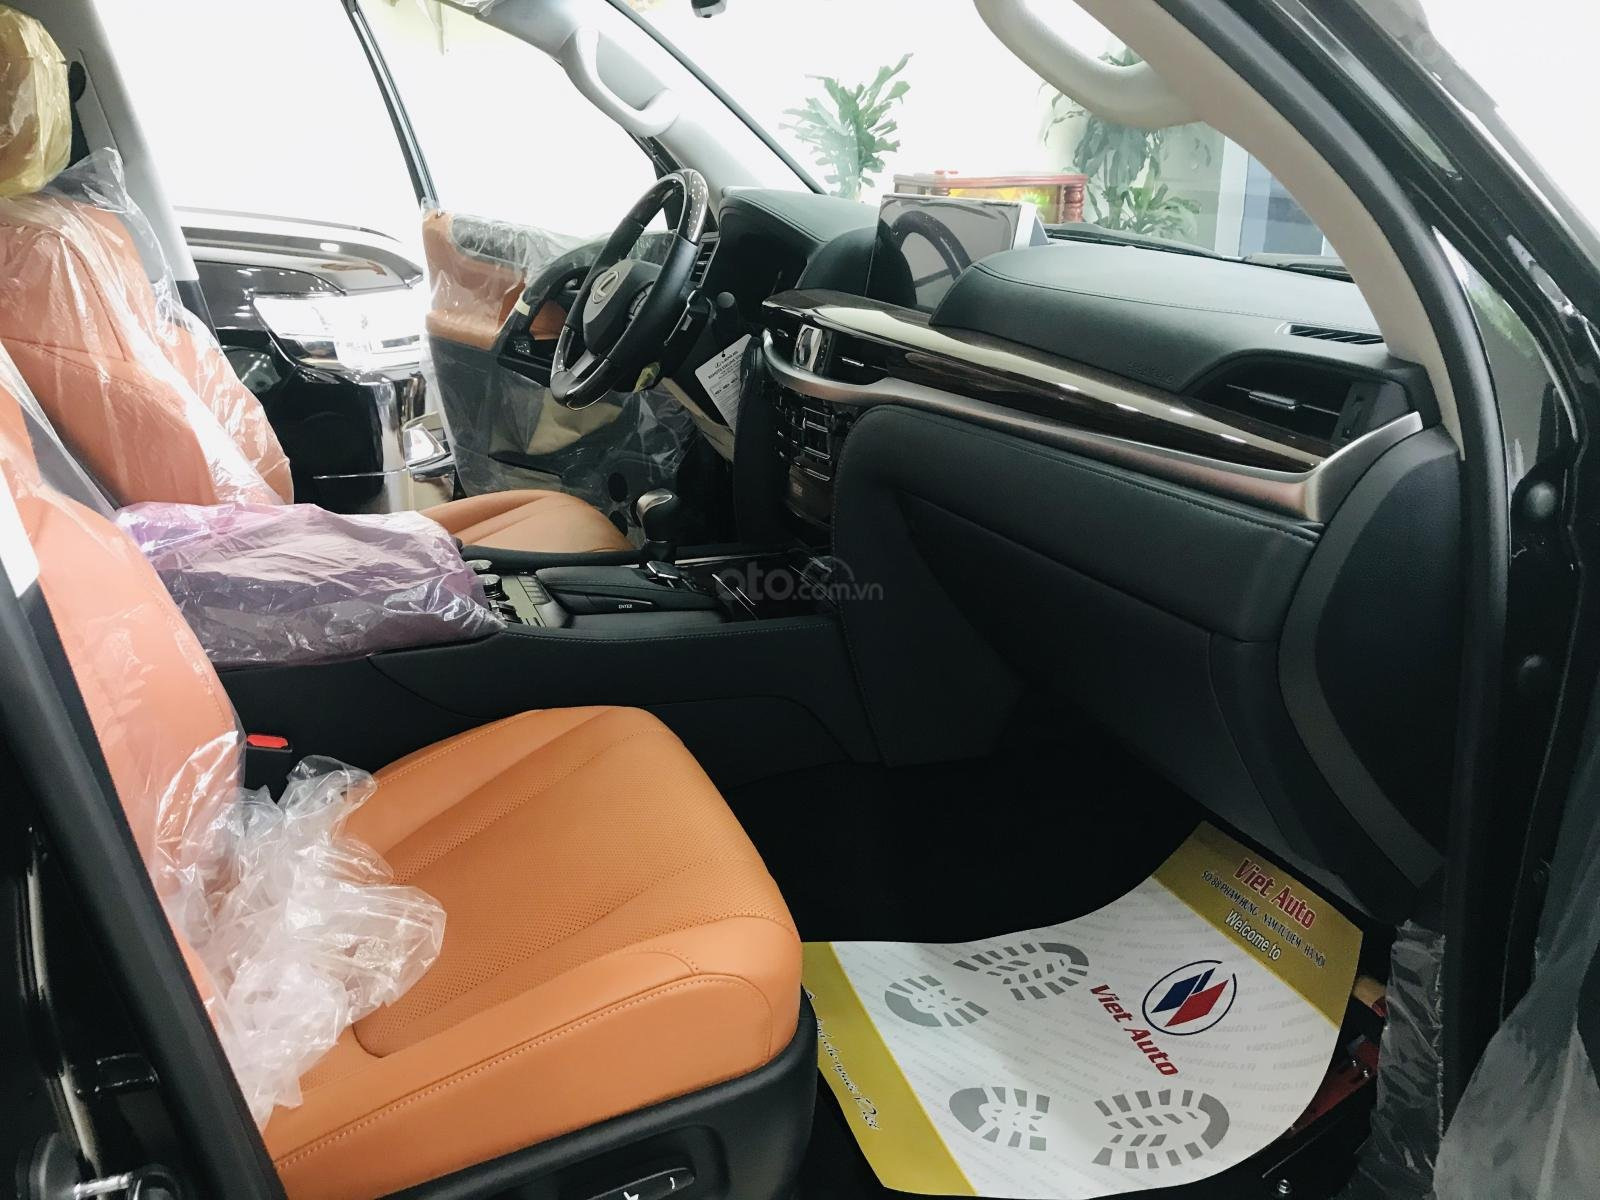 Bán Lexus LX570 Super Sport màu đen, sản xuất 2019, xe giao ngay, giá tốt - LH: 0906223838 (13)